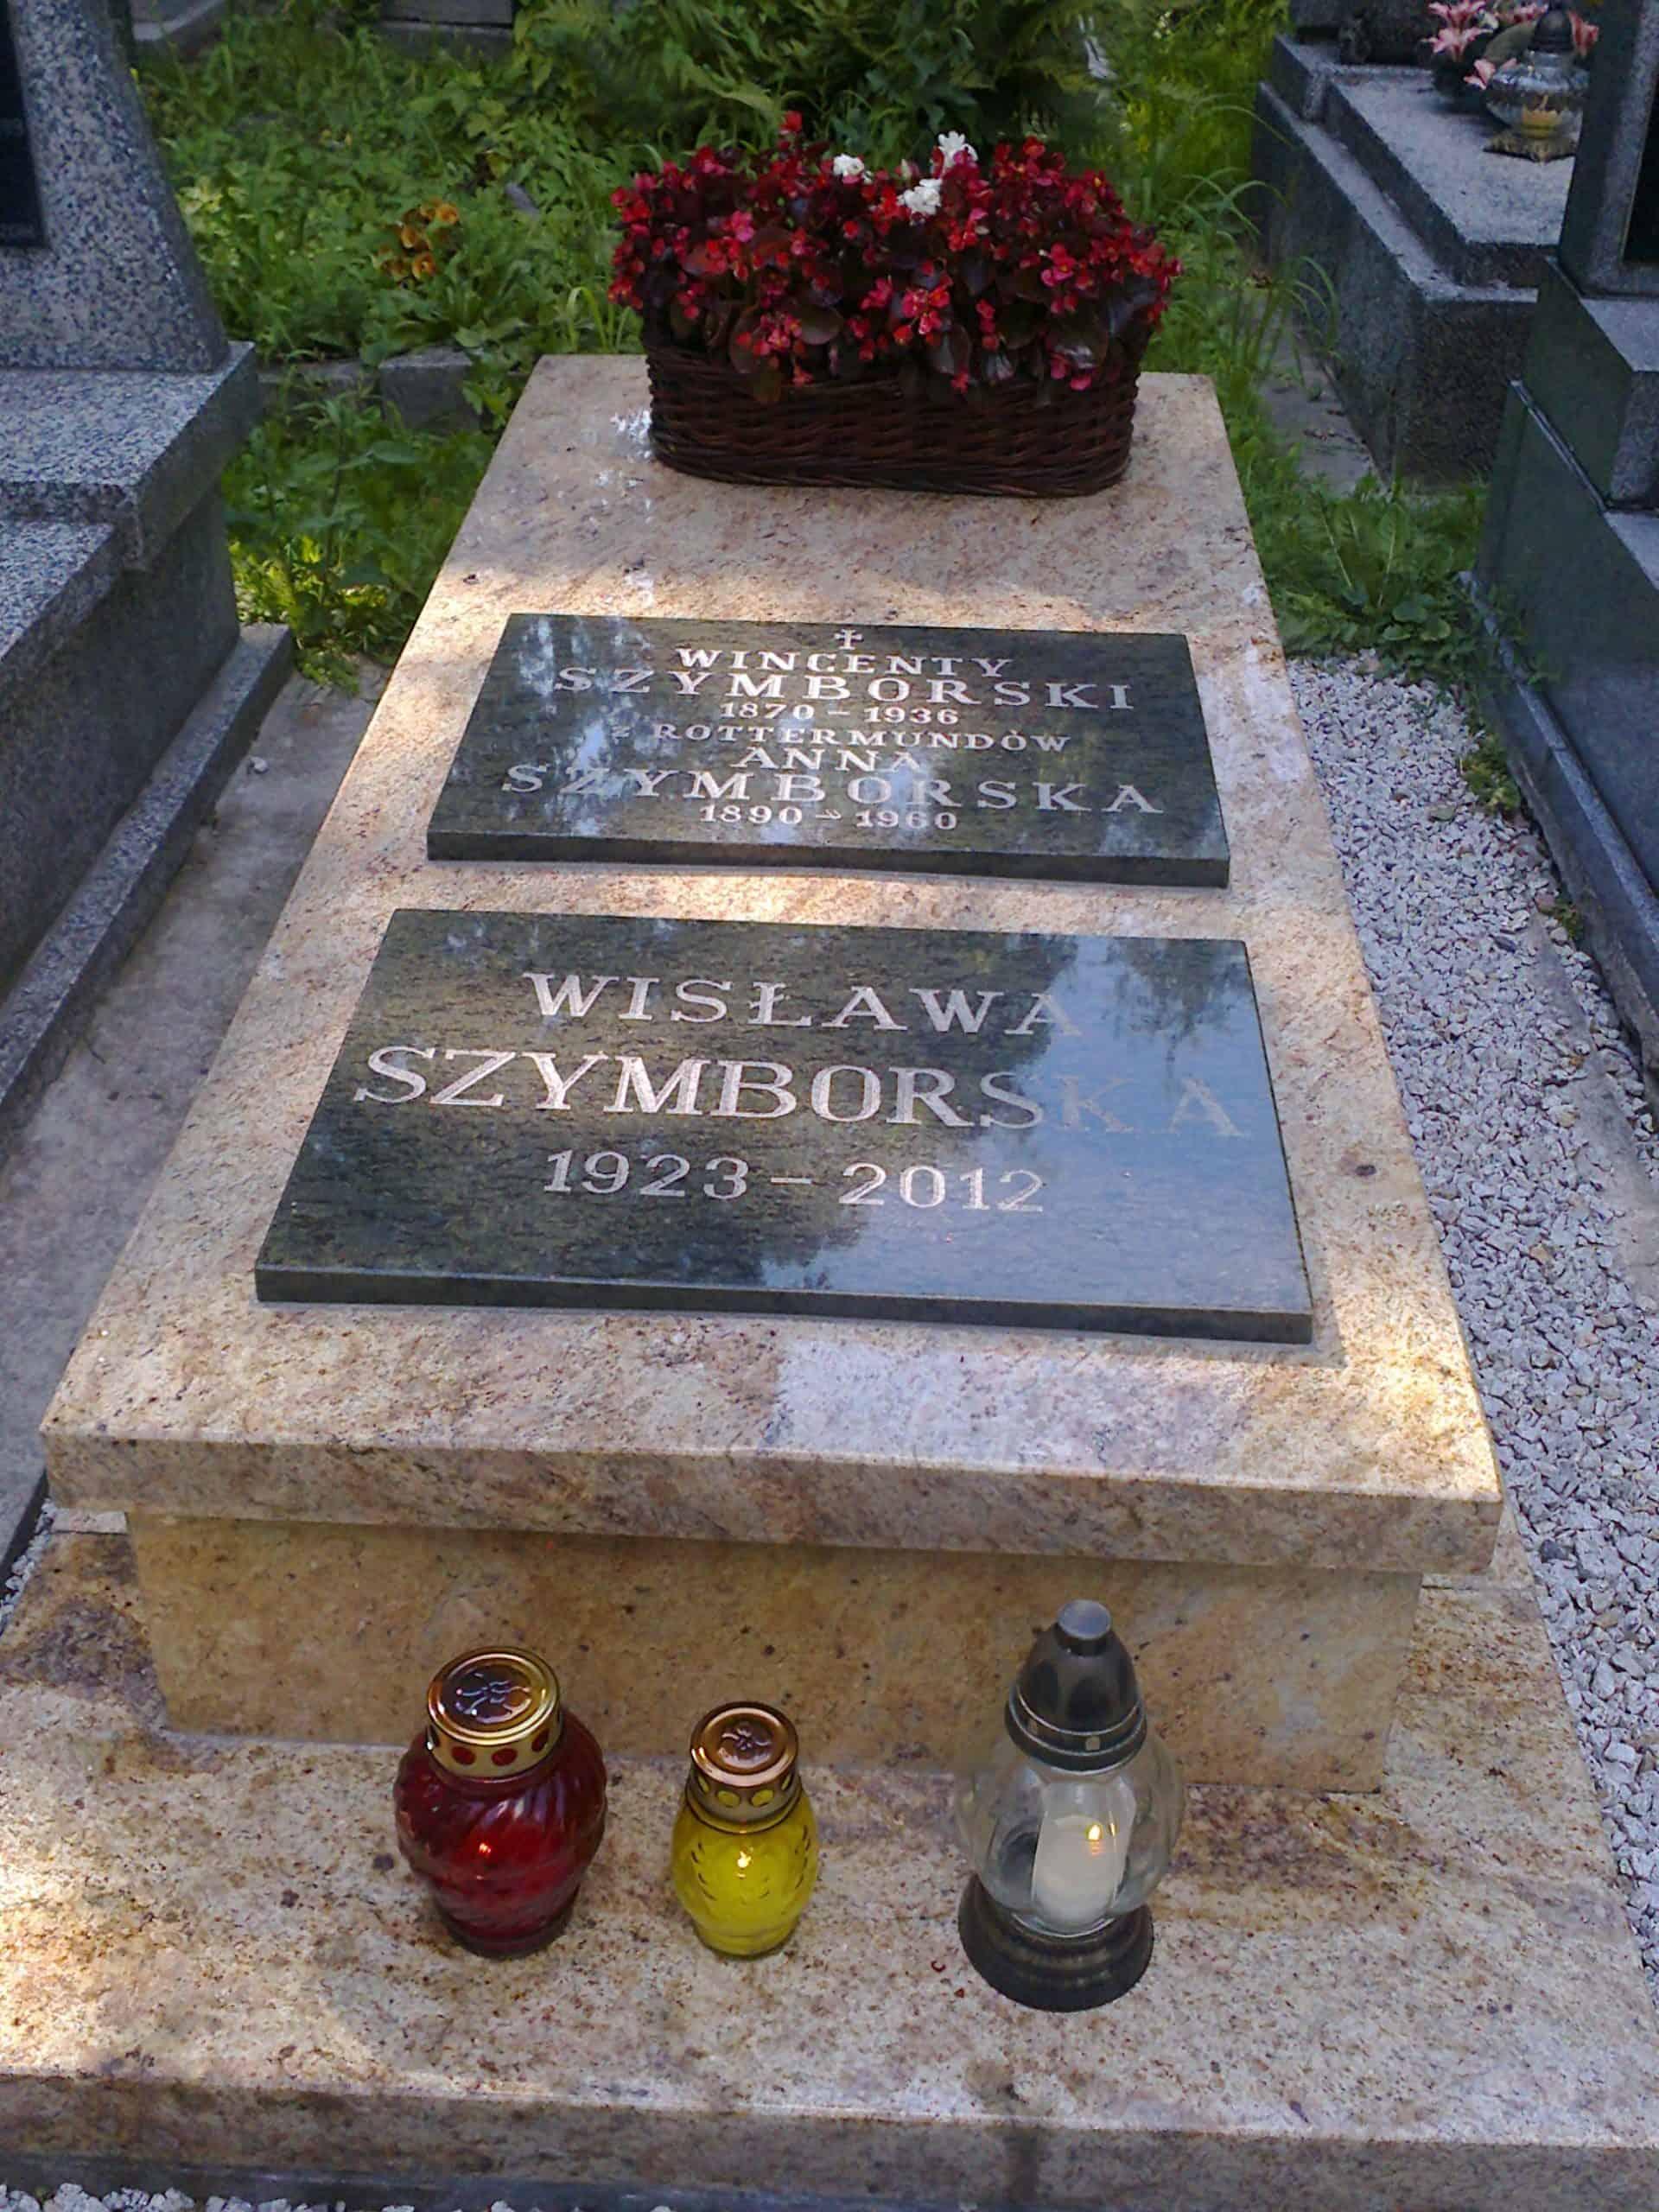 Grób wisławy szymborskiej cmentarz rakowicki kraków